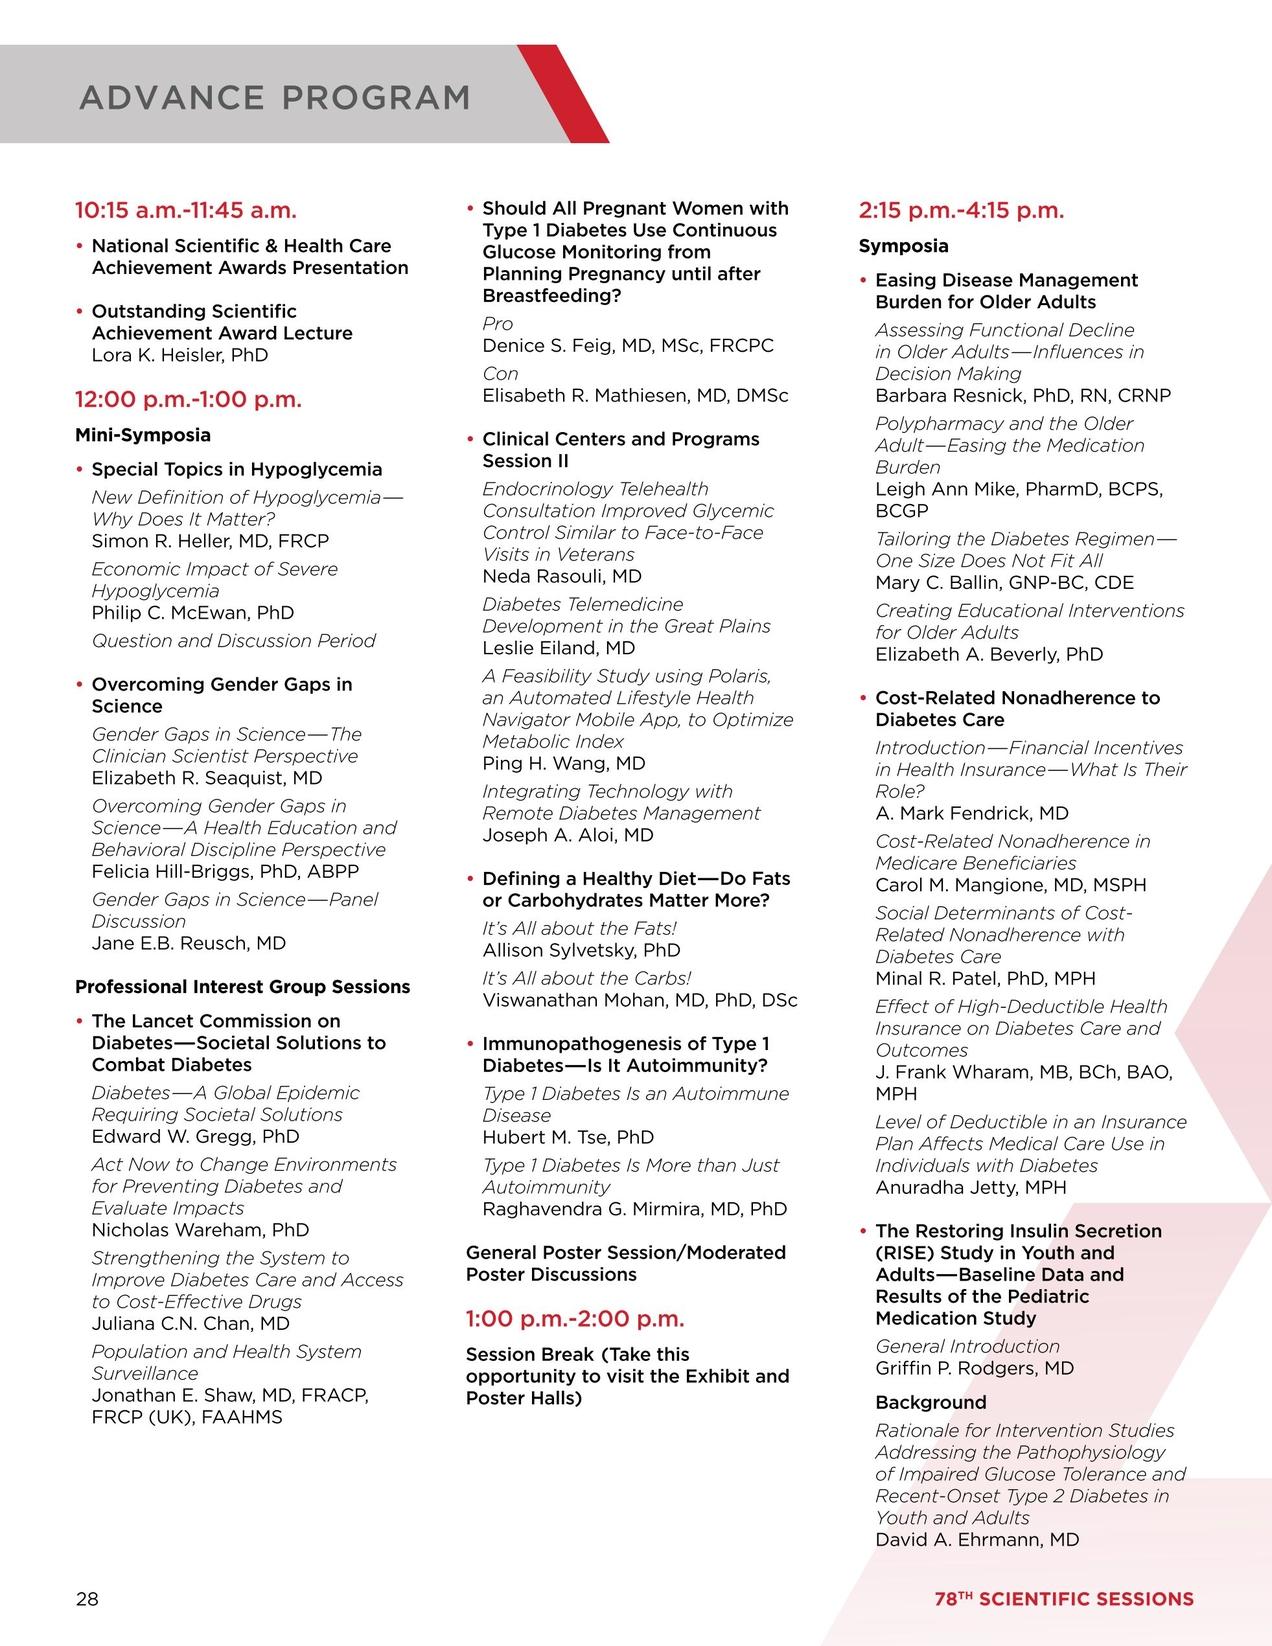 78th Scientific Sessions Advance Program